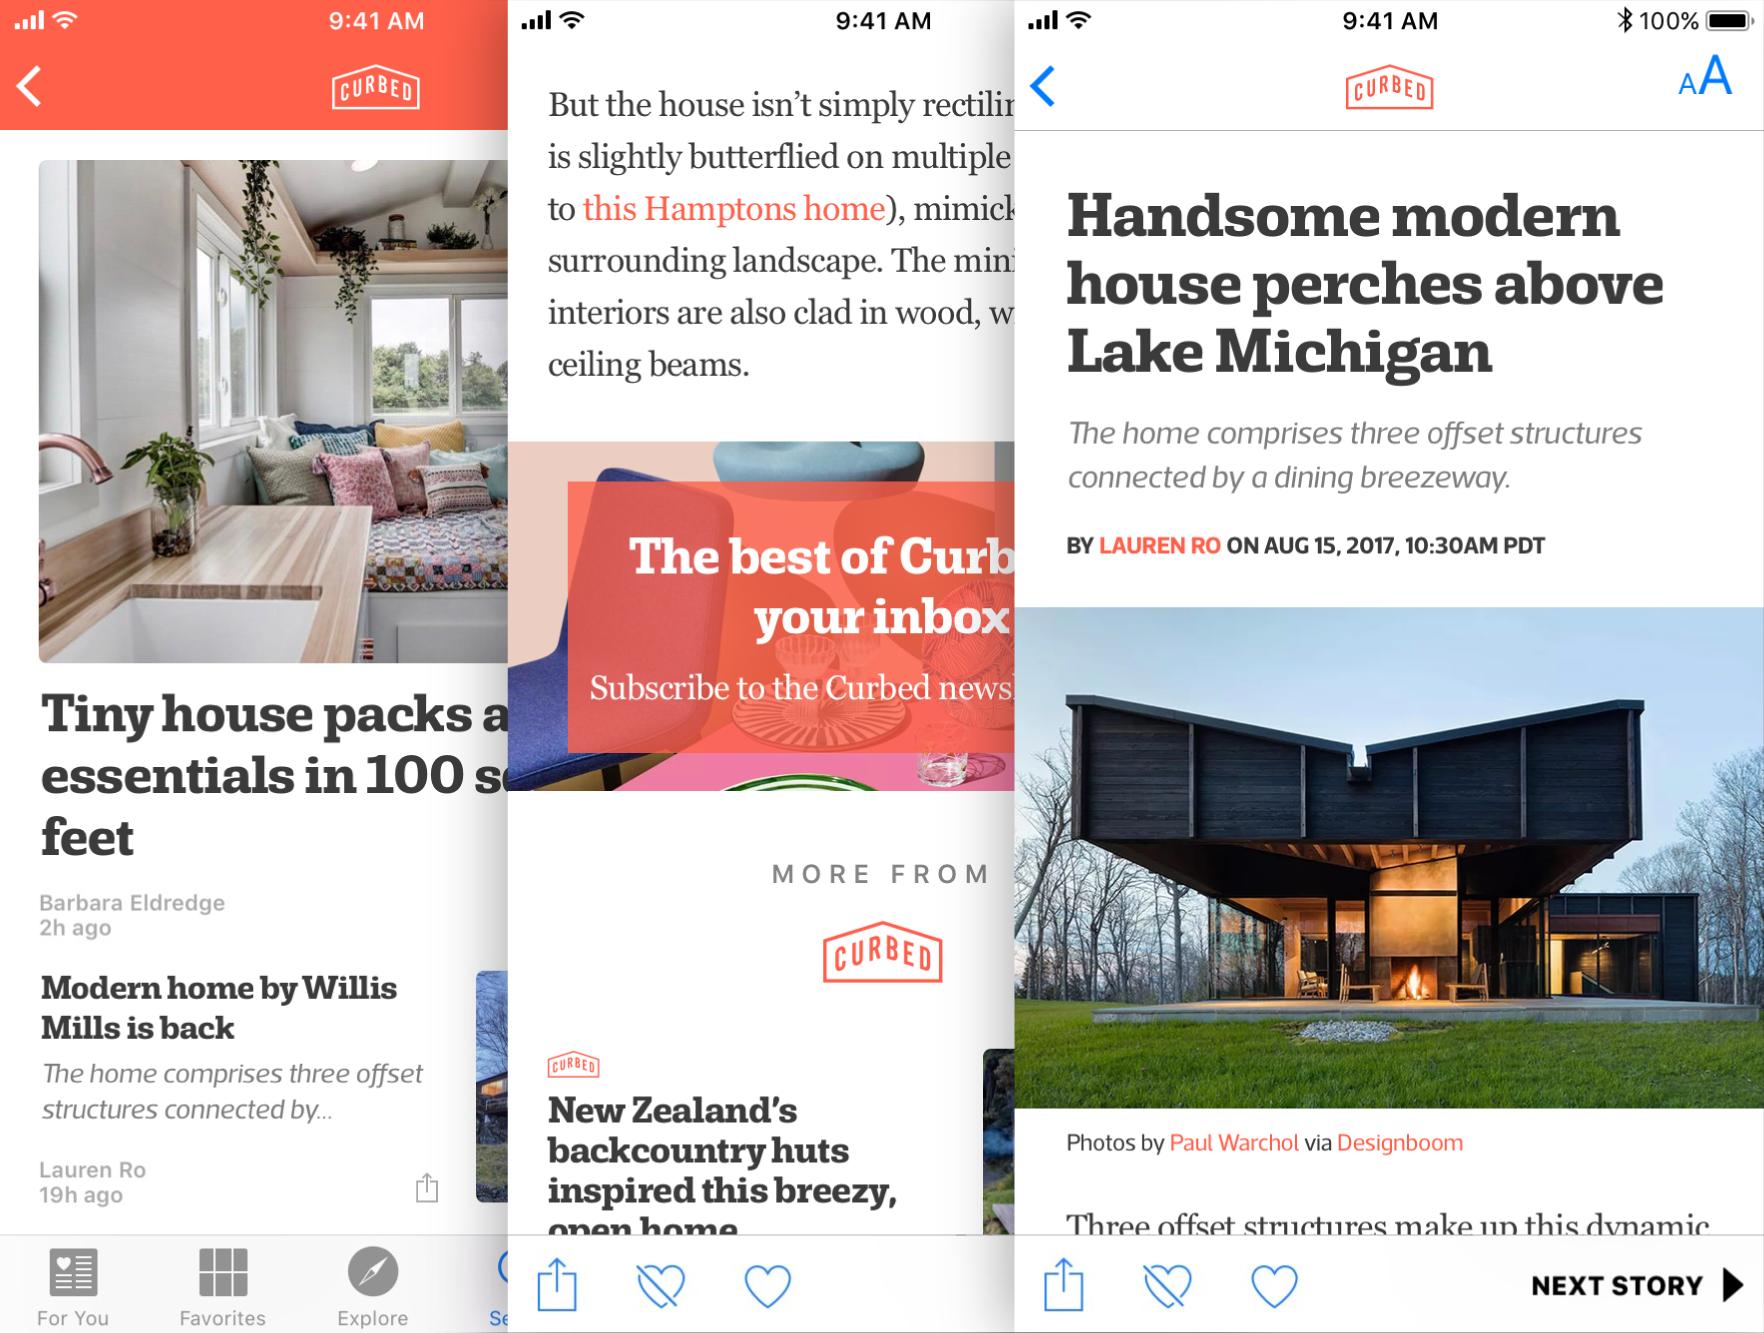 Extending the design system for Apple News